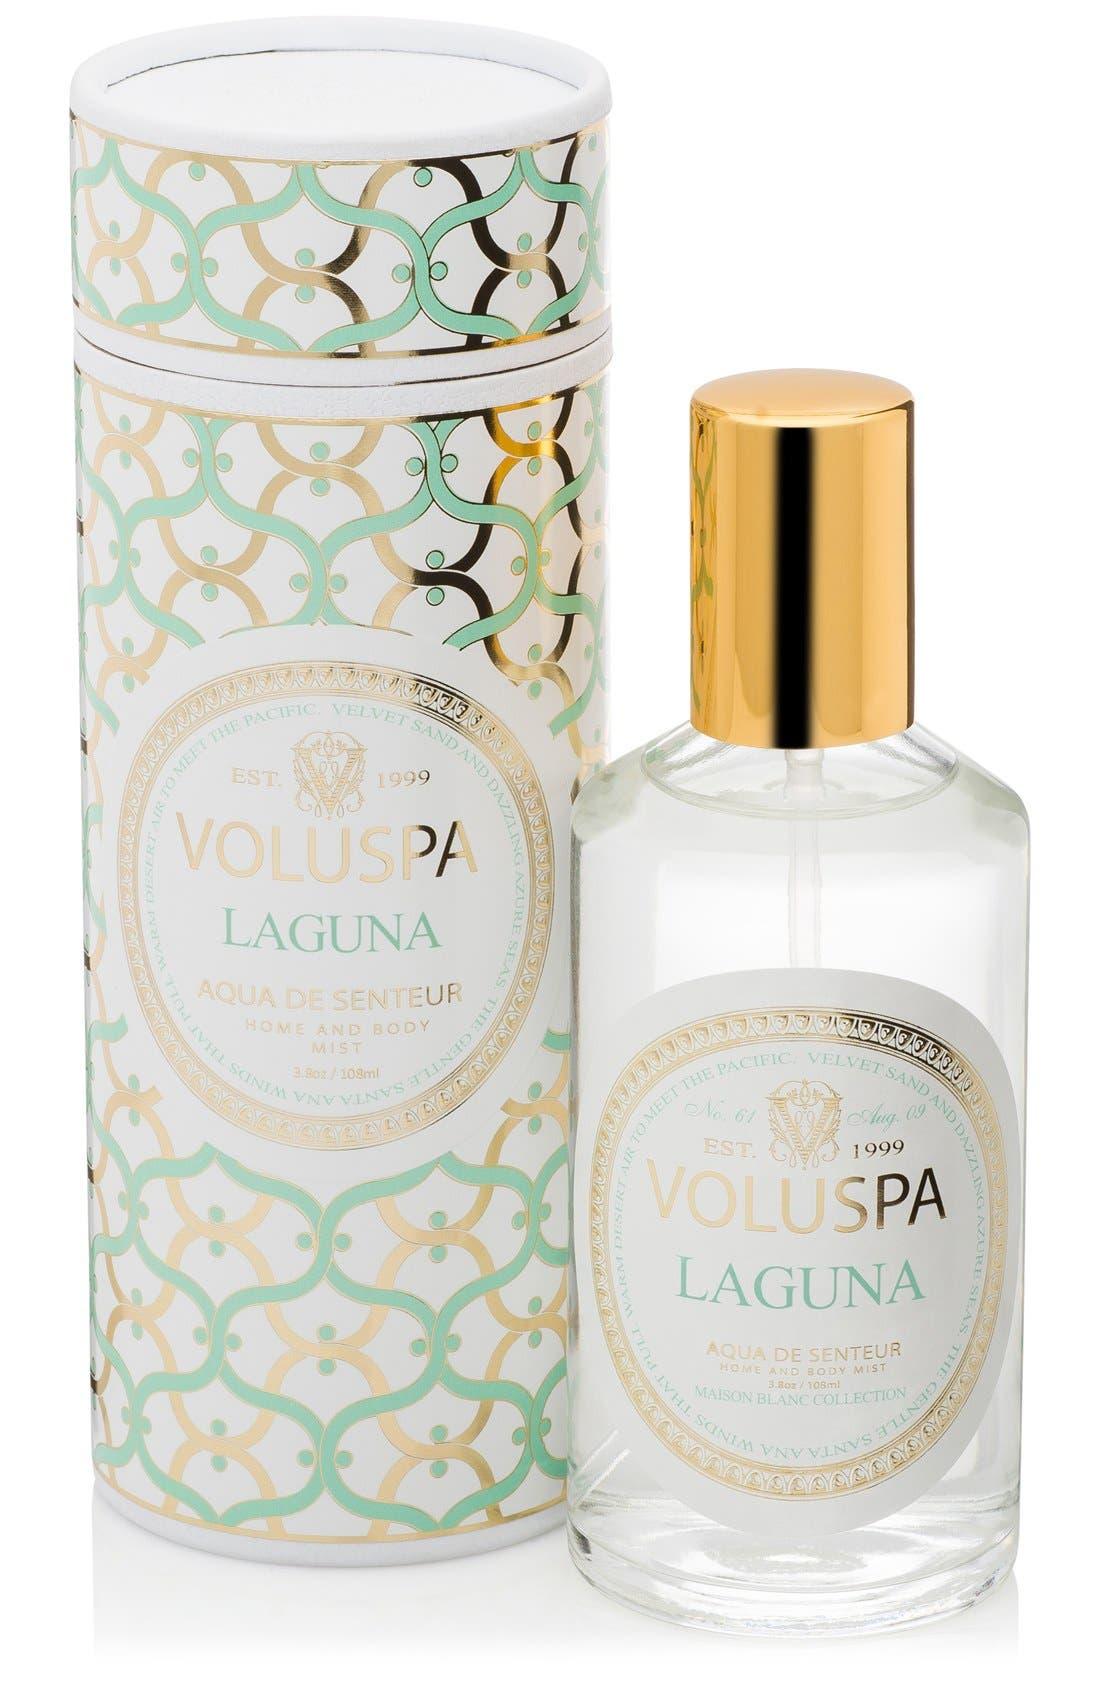 Voluspa 'Maison Blanc - Laguna' Home & Body Mist